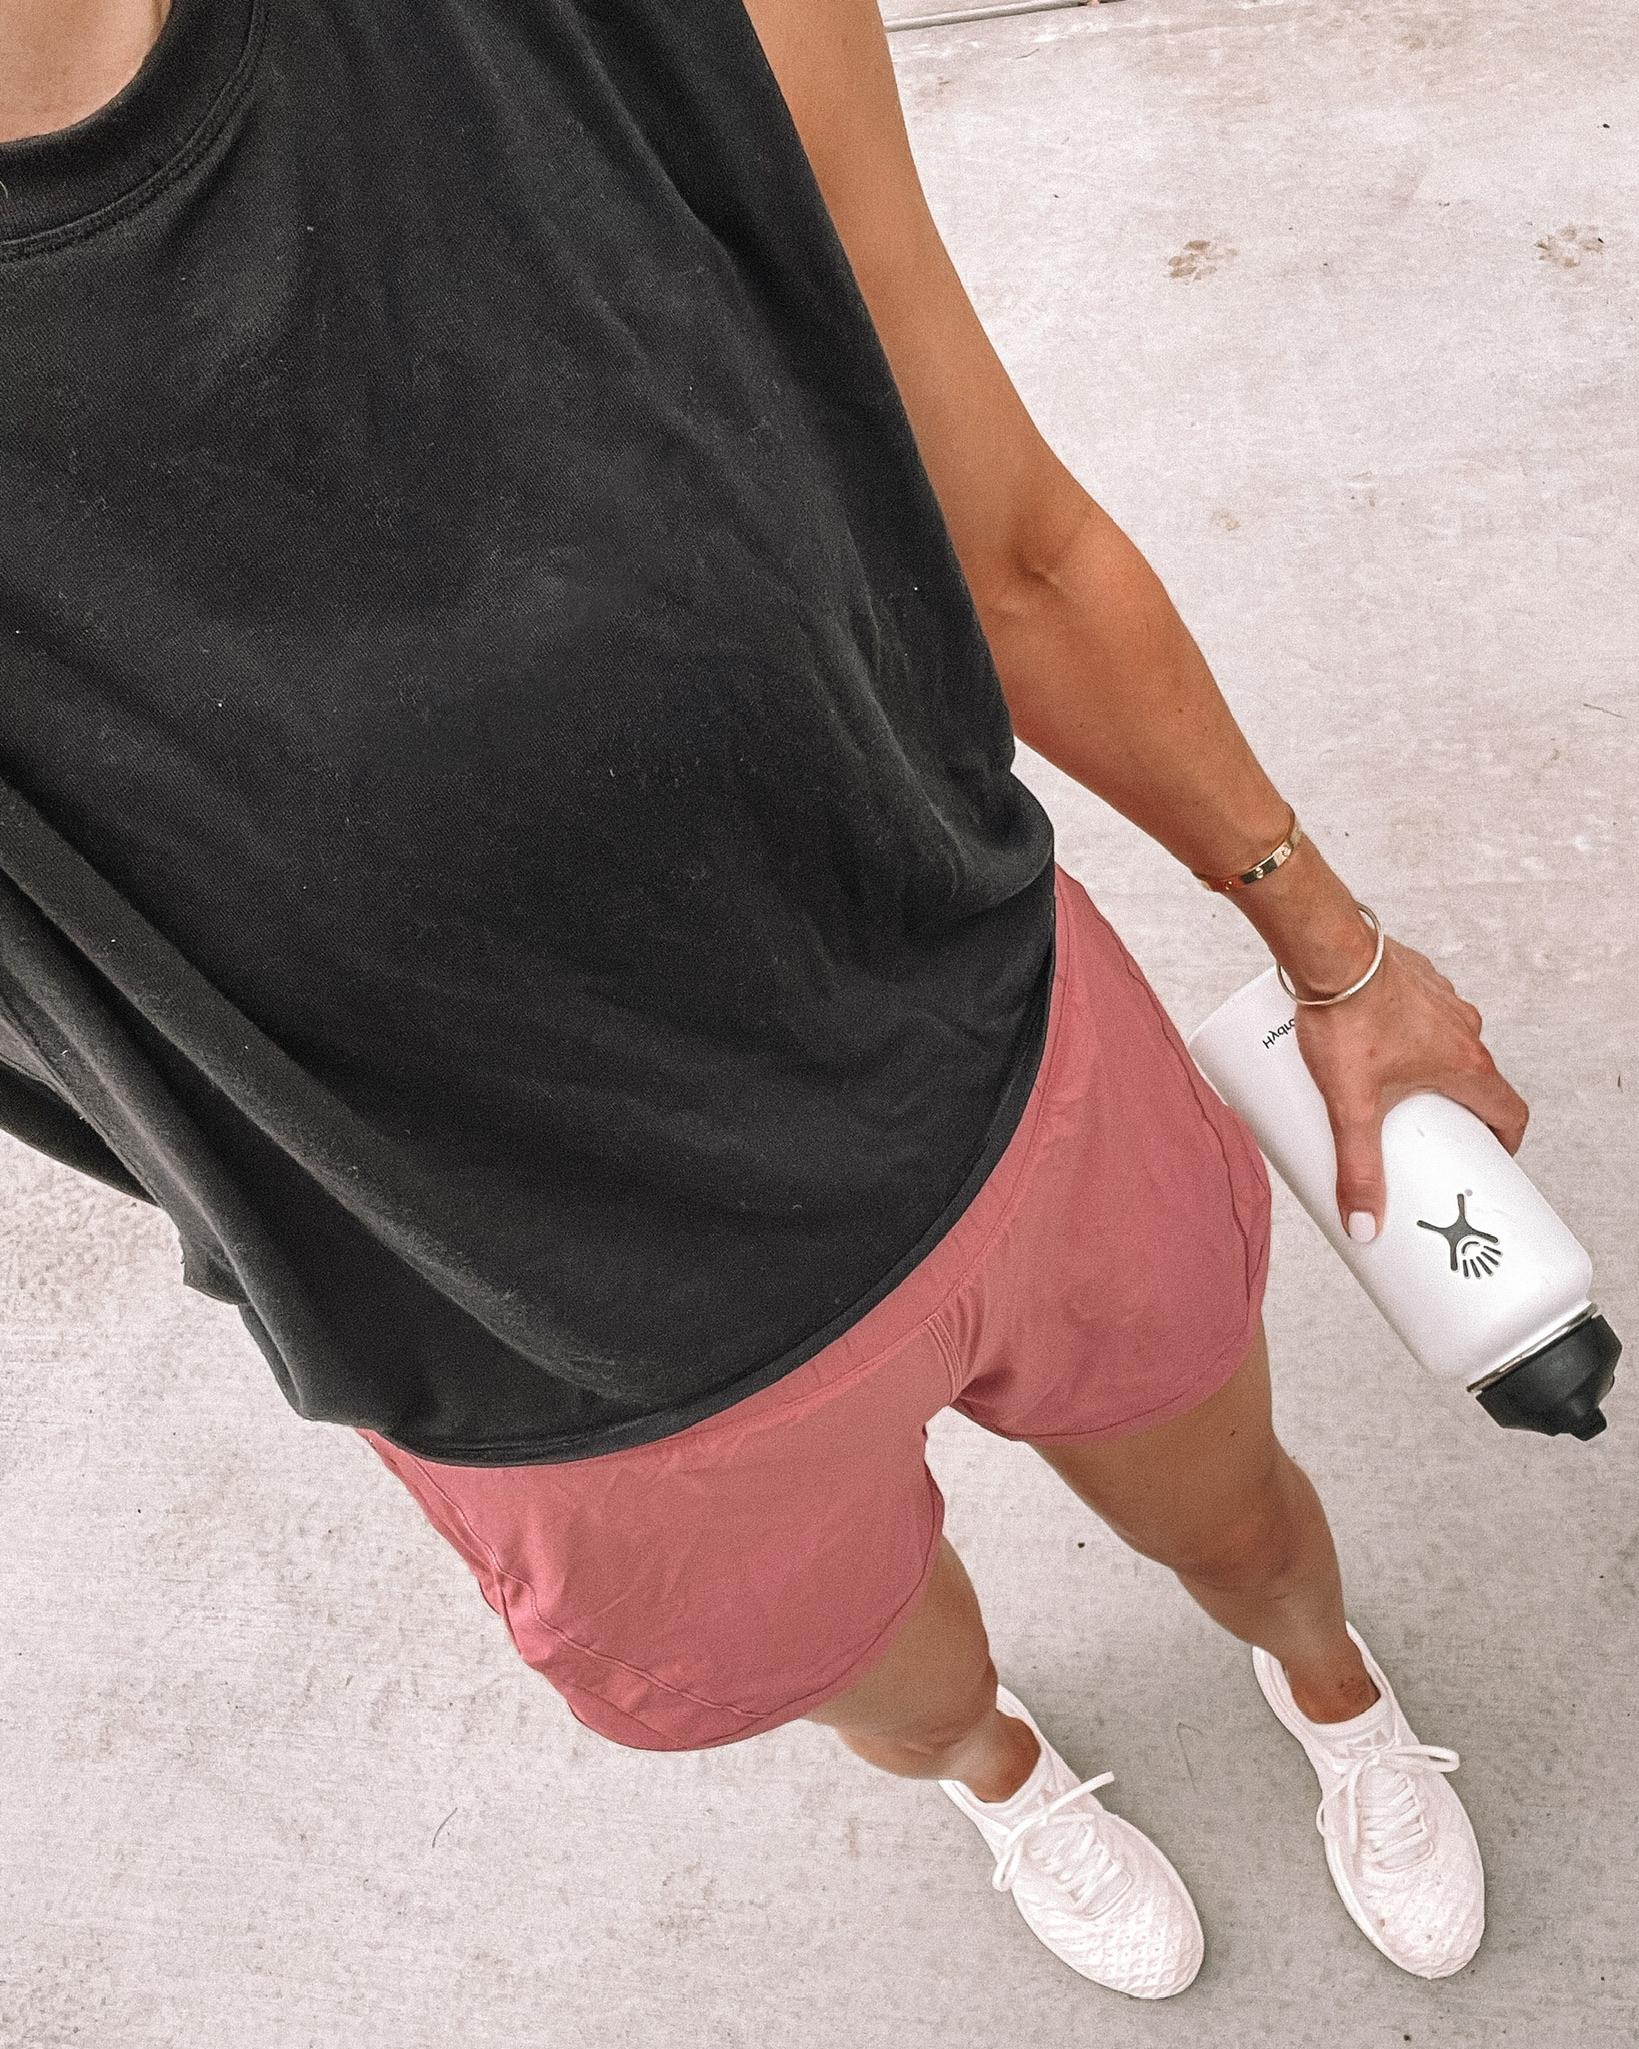 Fashion Jackson Wearing Athleta Black Tank lululemon Pink Running Shorts APL Sneakers workout outfits for women